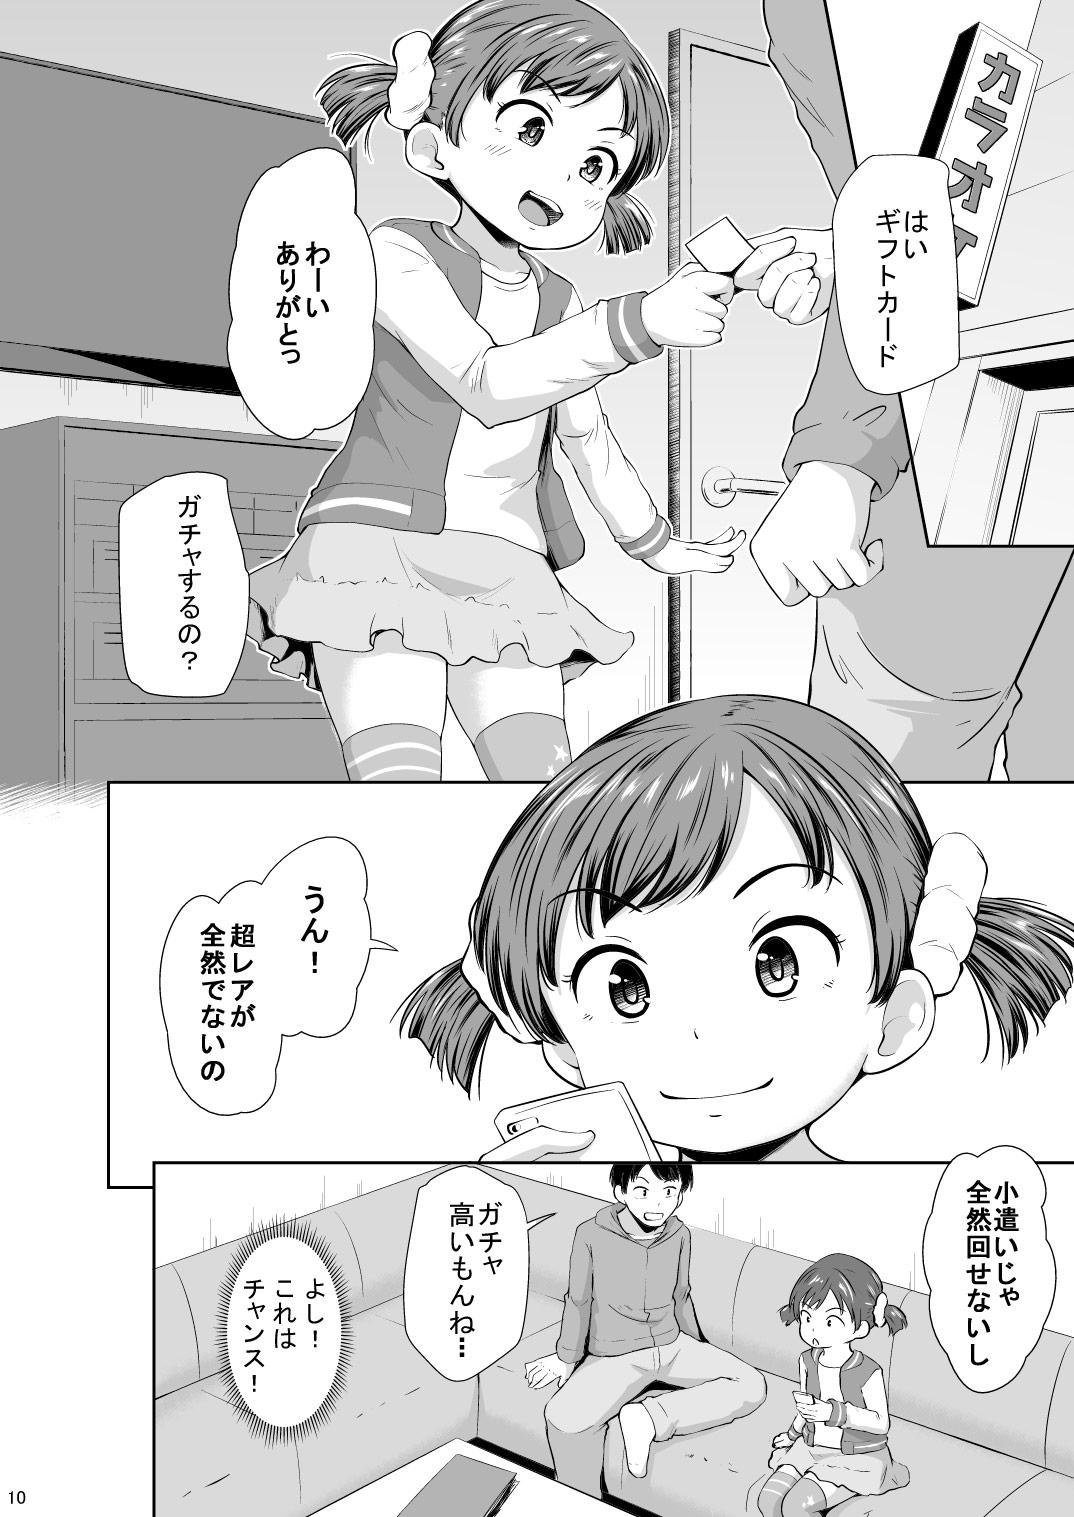 スマホ少女とHな事をする方法のサンプル画像